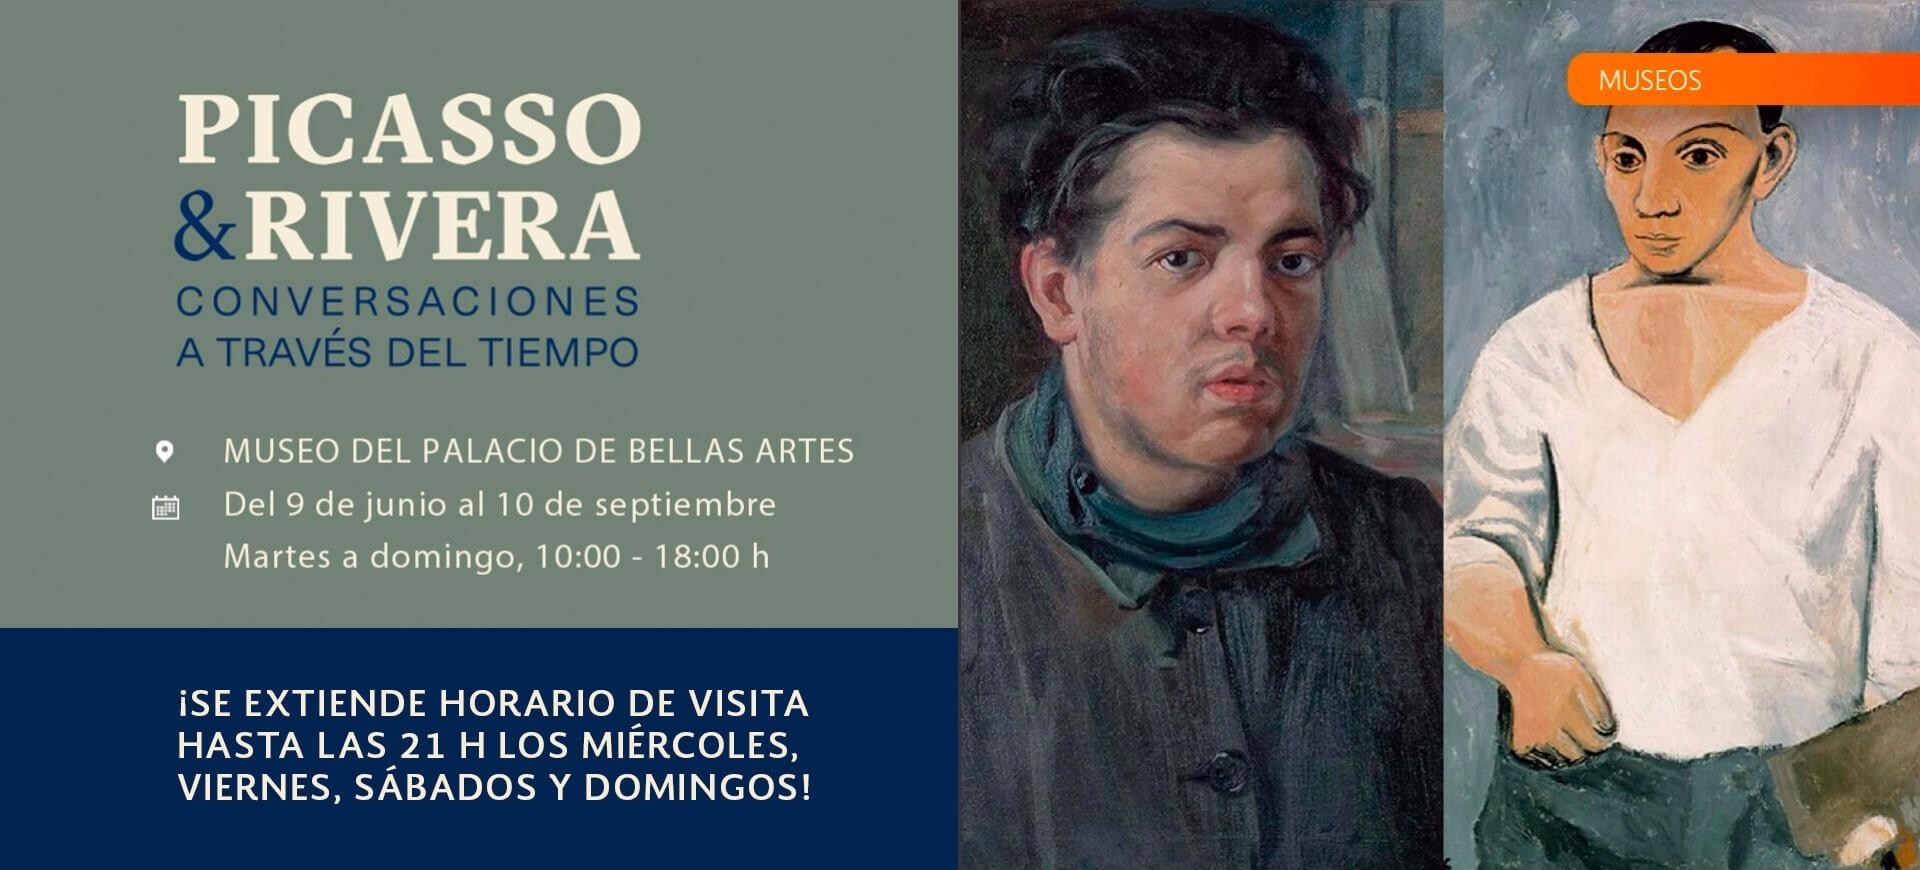 Picasso & Rivera